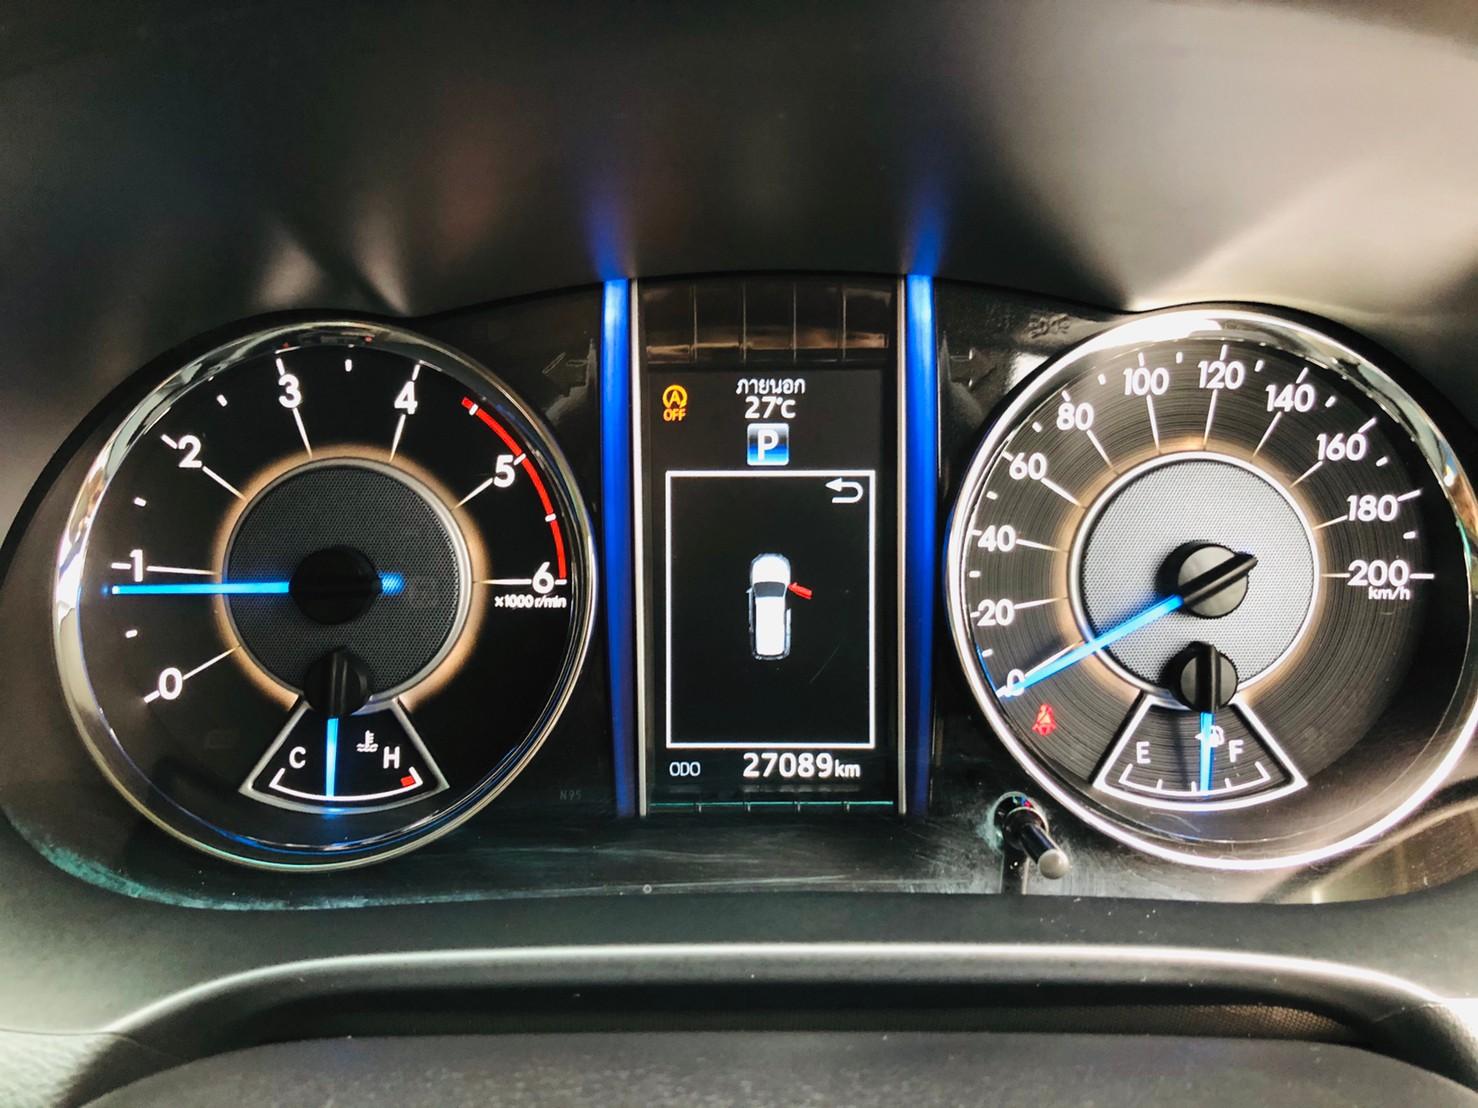 ภาพหน้าปัดเลขไมล์ โตโยต้า ฟอร์จูนเนอร์ 2.4 V 4WD ปี 2018